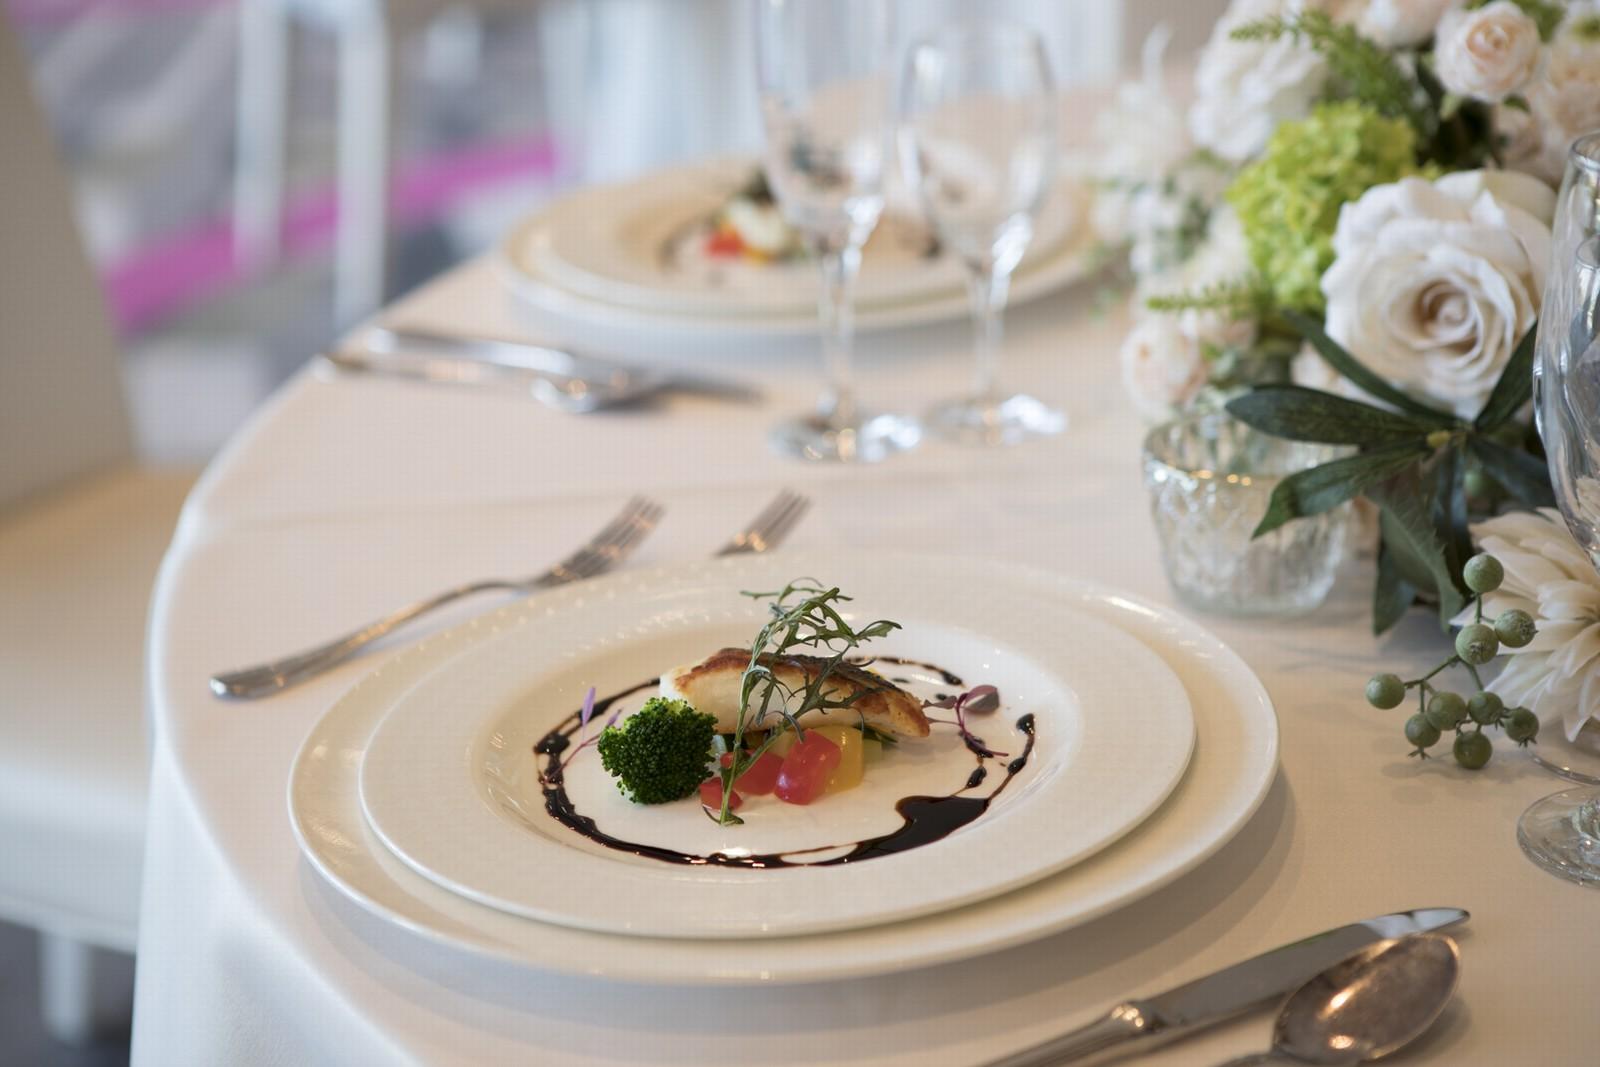 徳島県の結婚式場ブランアンジュのコース料理